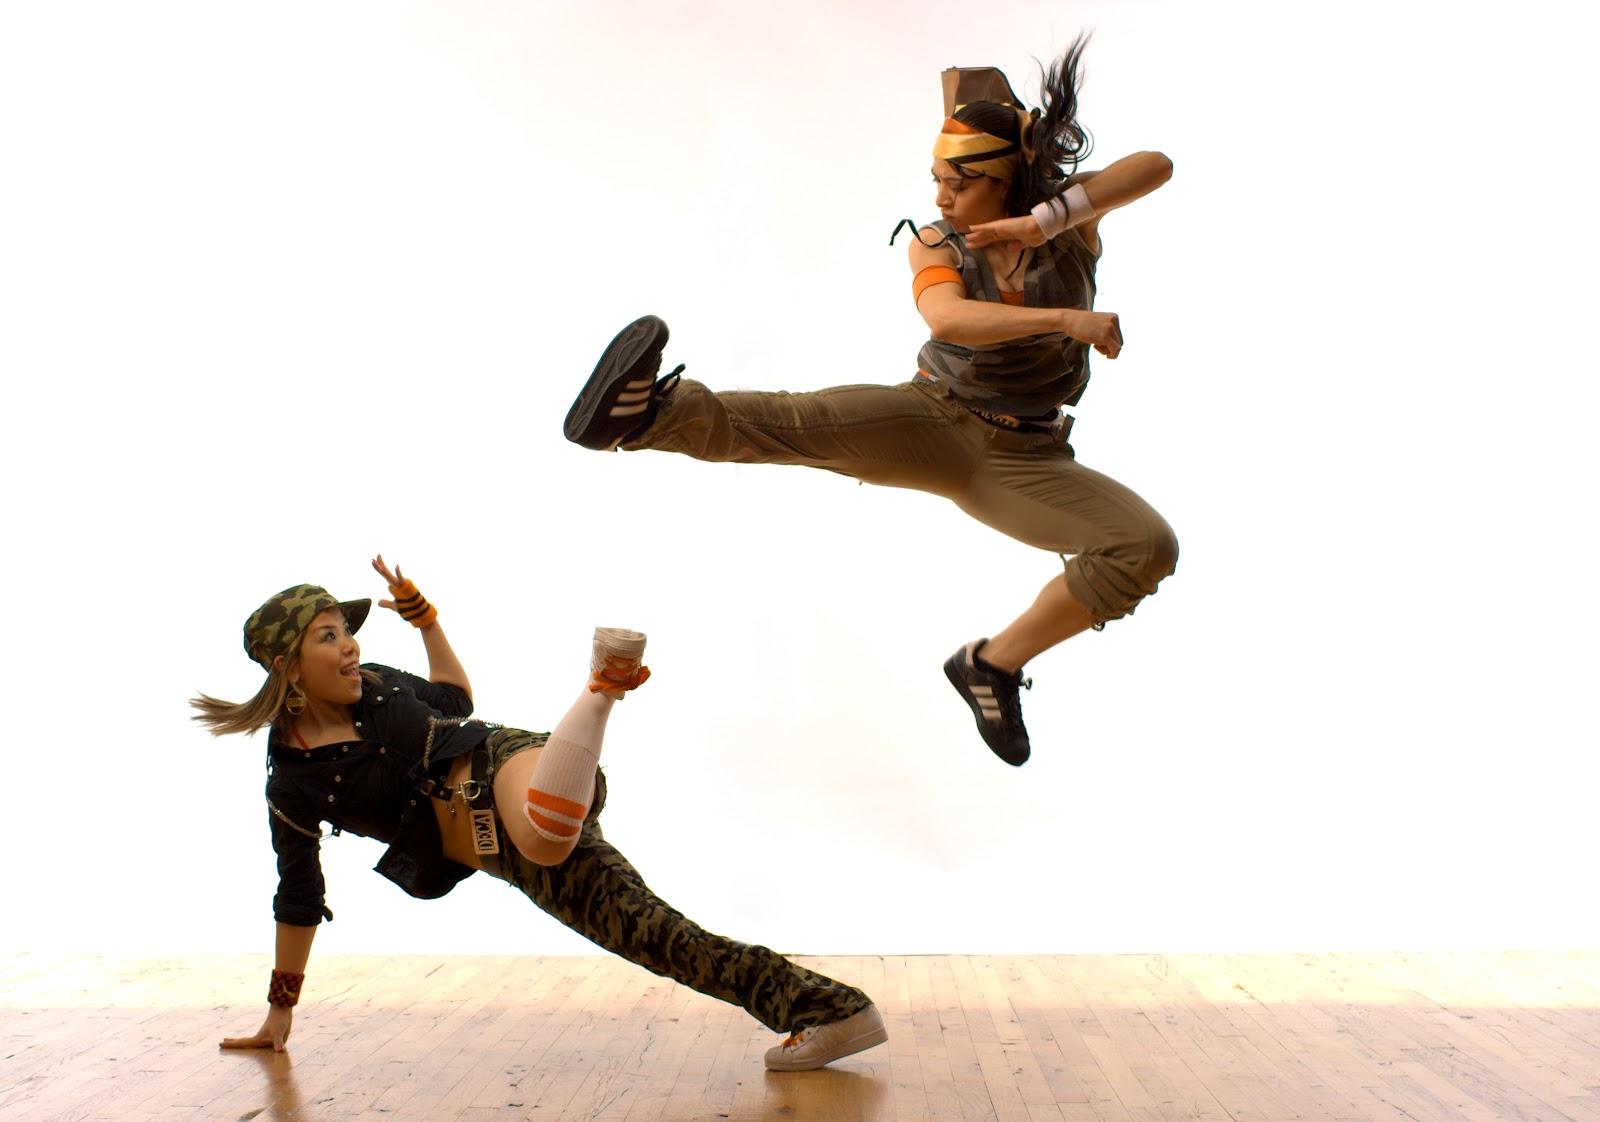 Хип хоп жопы фото, Звезды с выдающимися попами (Фото ) 1 фотография